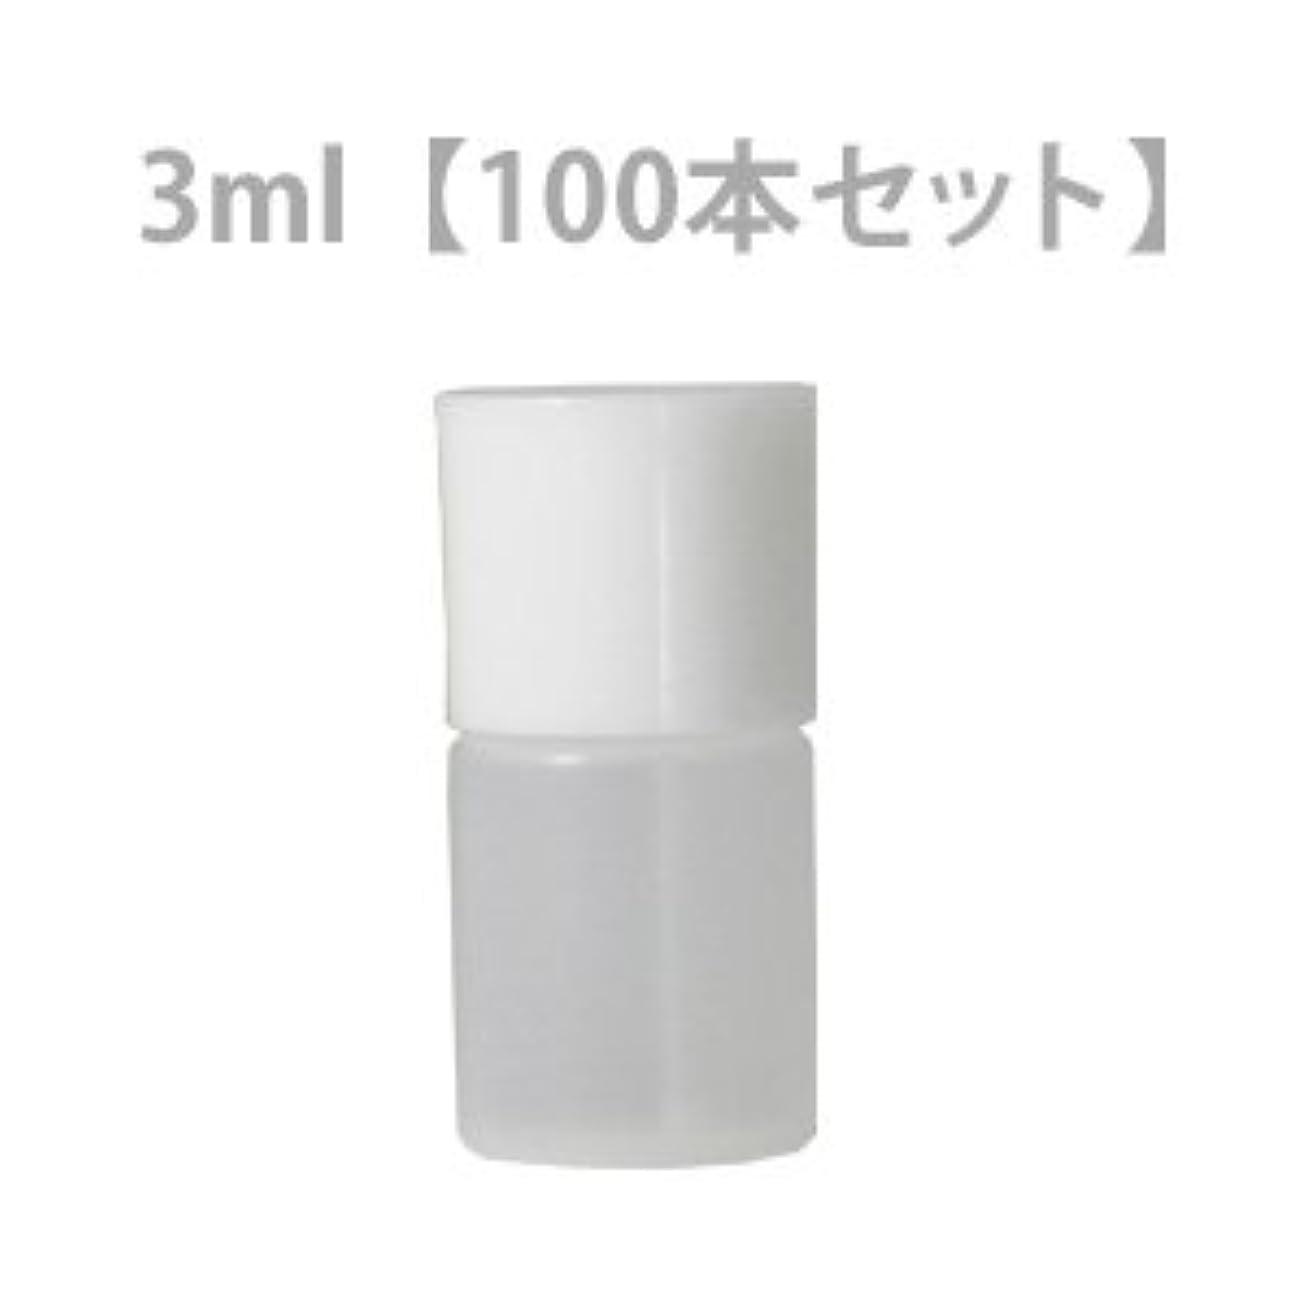 比較的テレマコスアストロラーベ穴あき中栓付きミニボトル 化粧品容器 3ml 100本セット